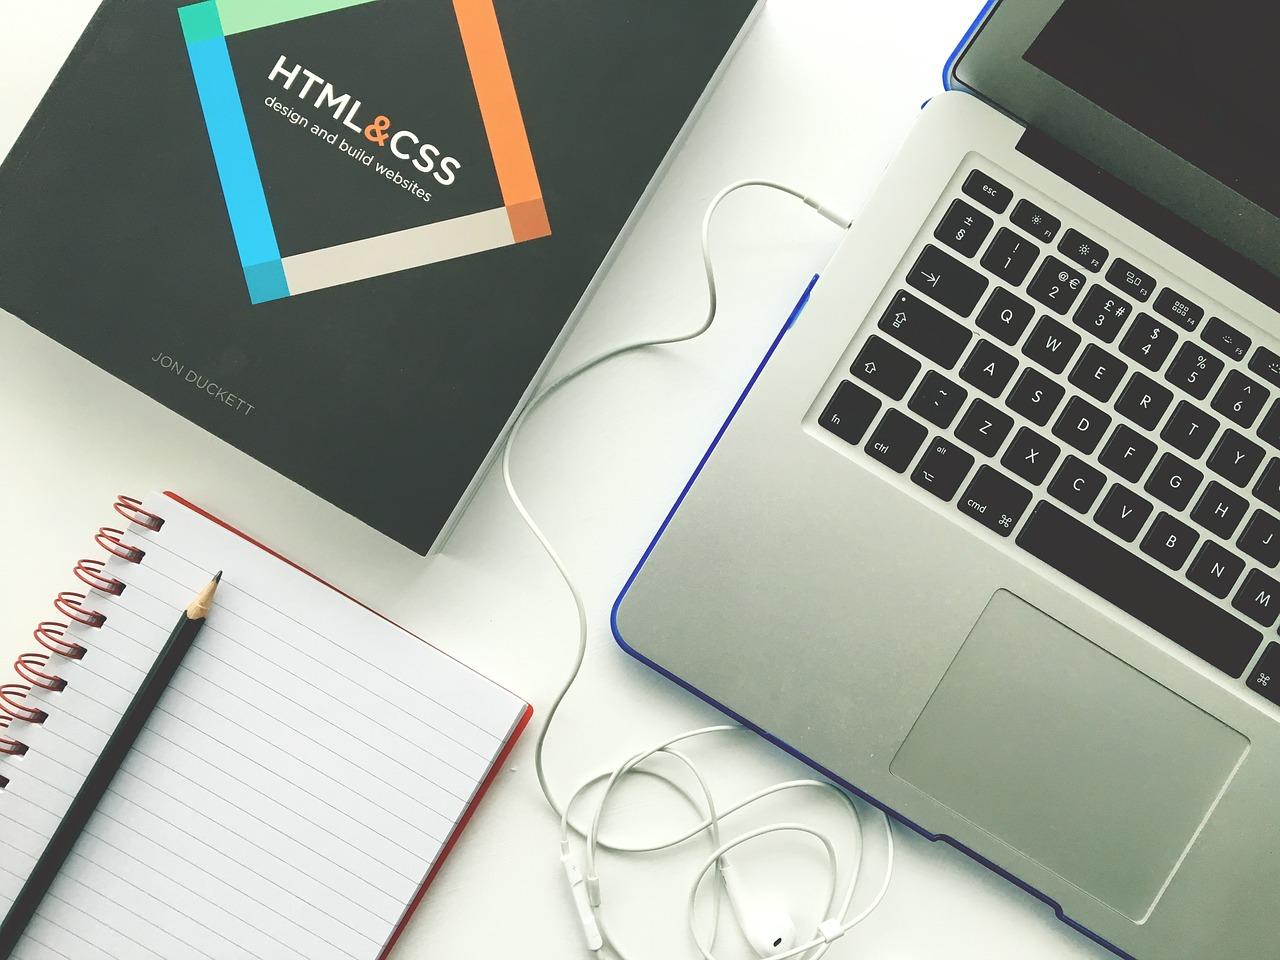 pixabay web design image